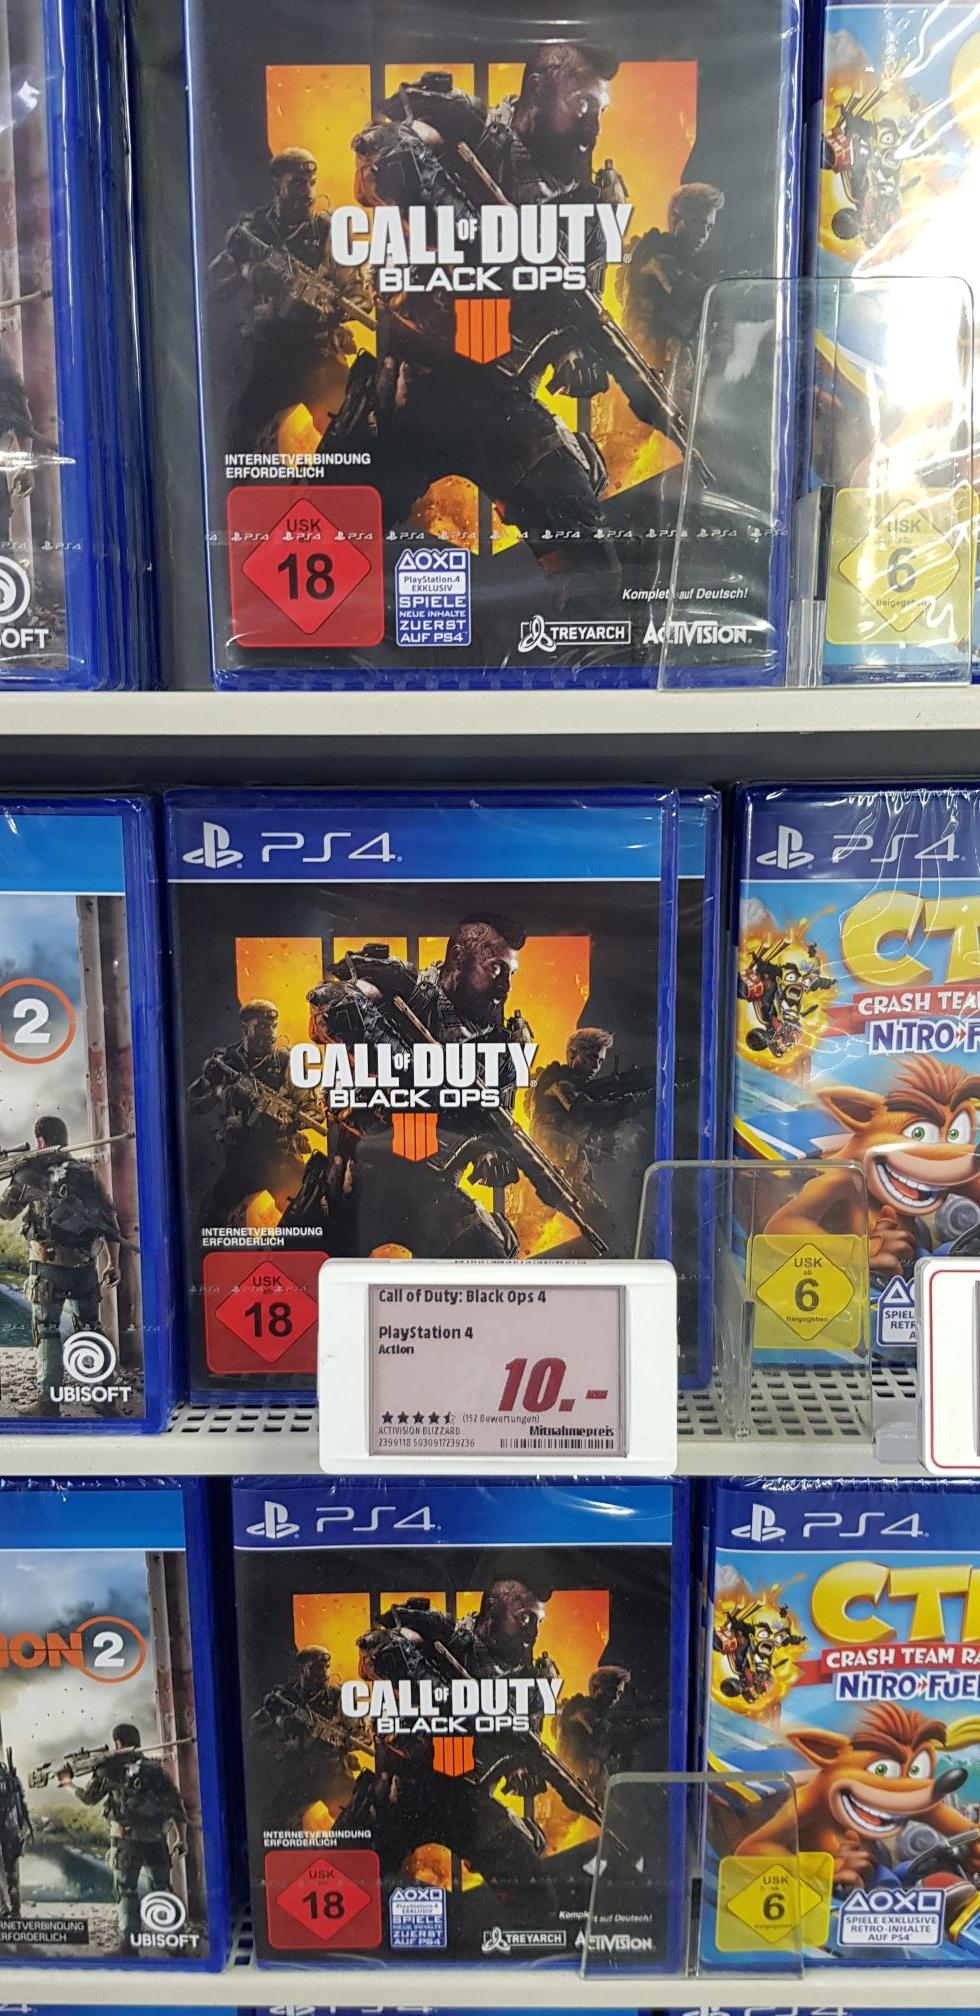 [Lokal Media Markt Oldenburg] PS4 & PC Call of Duty Black Ops 4 / PS4 Slim für 199€ inkl Days Gone. / weitere PS4 Titel für 9,99€